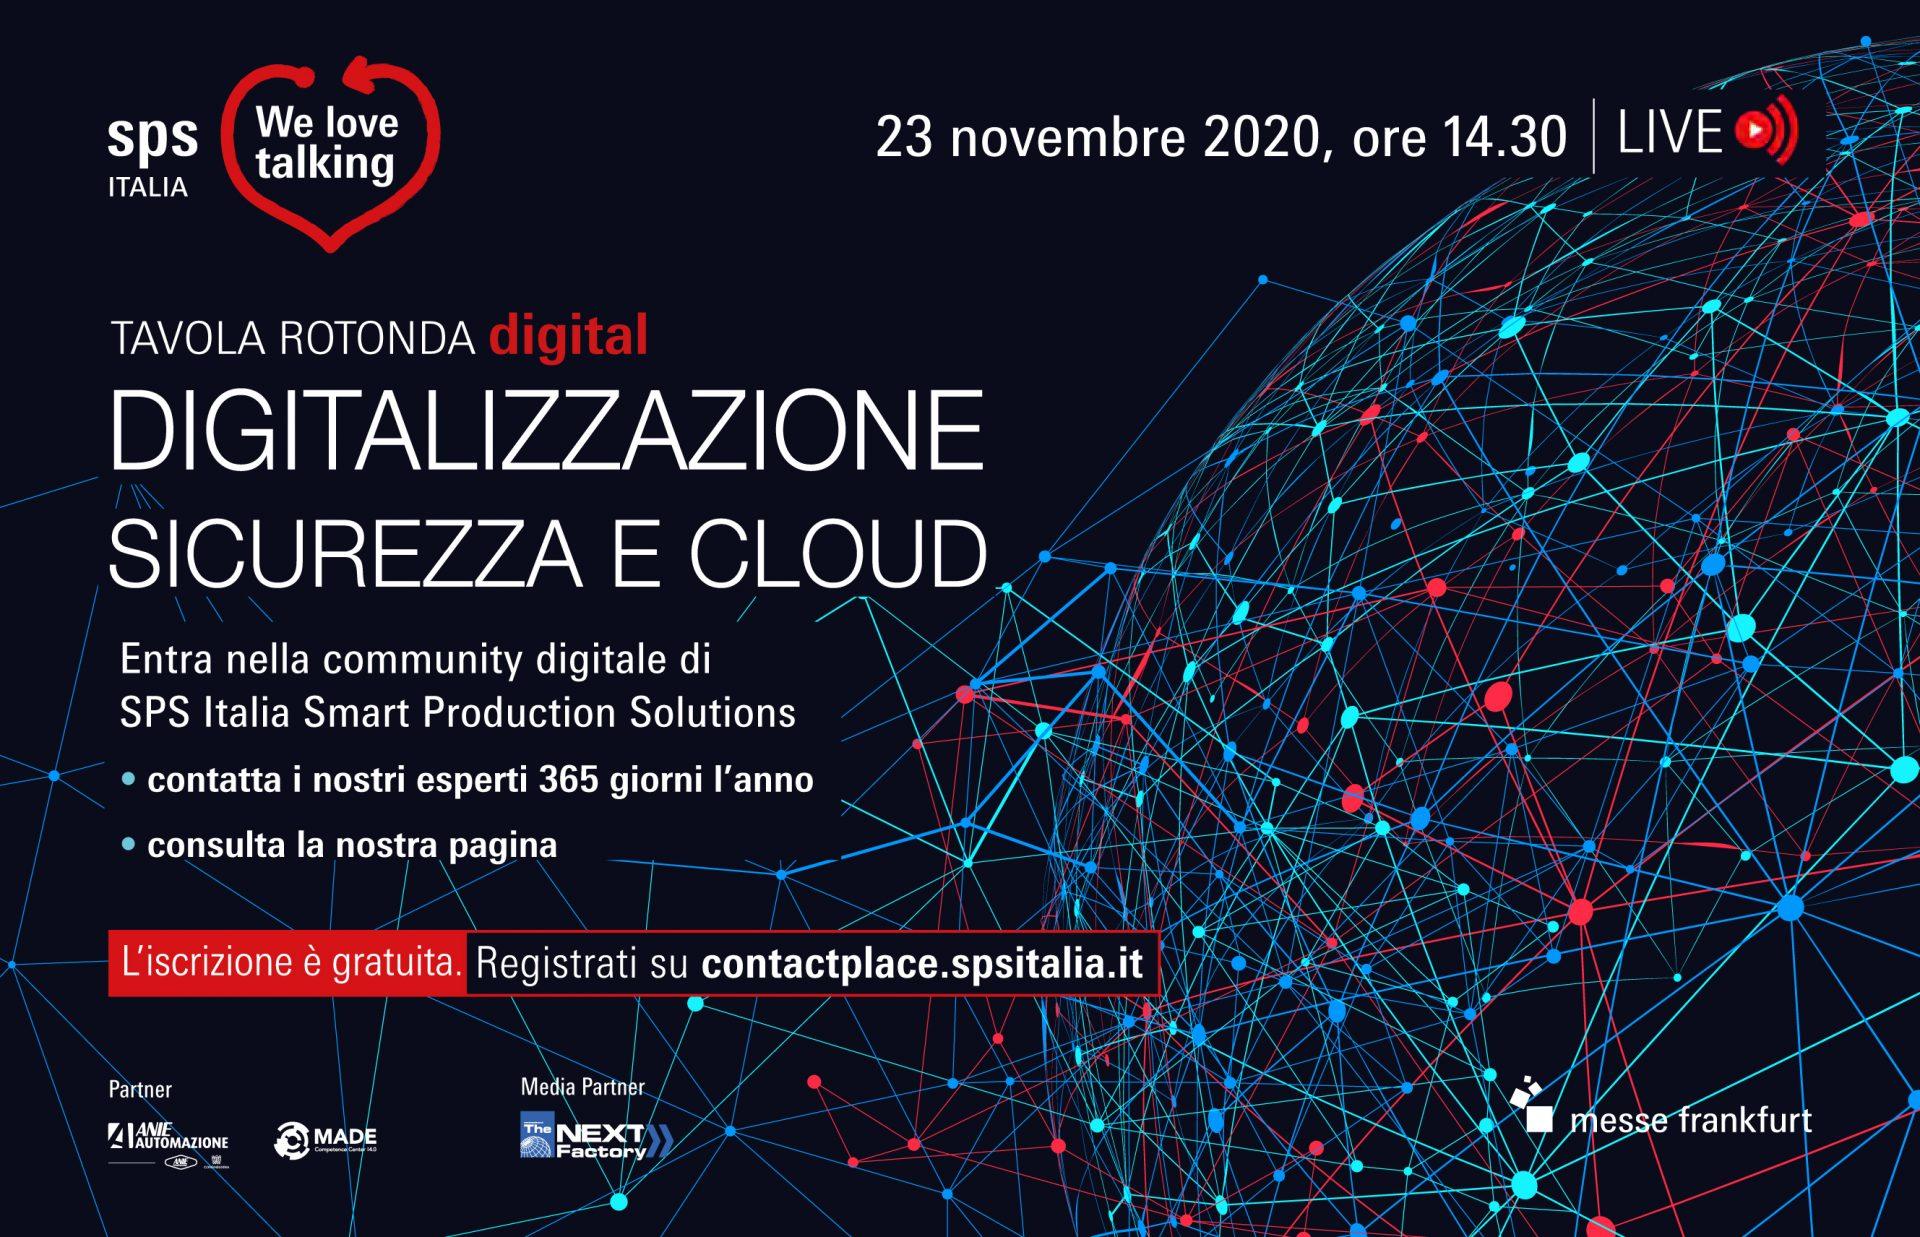 Digitalizzazione, sicurezza e cloud SPS Italia